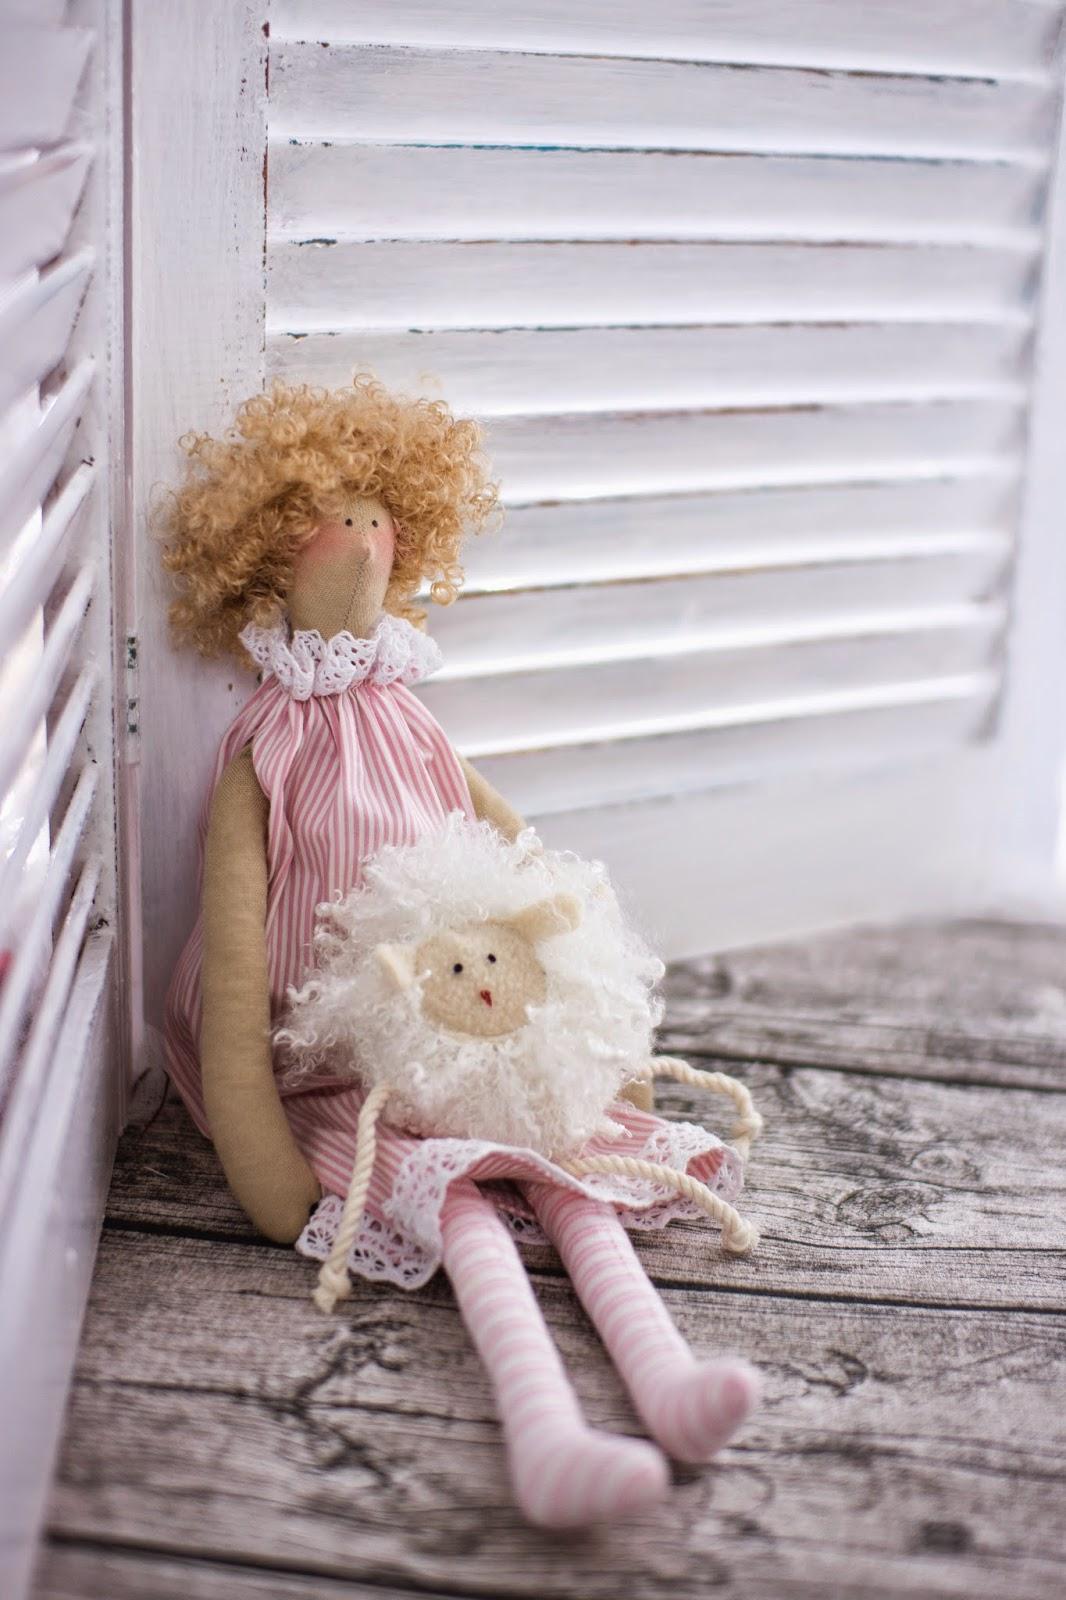 Кудрявая кукла, как сделать кукле волосы, полосатое платье, как сшить куртку, овечка